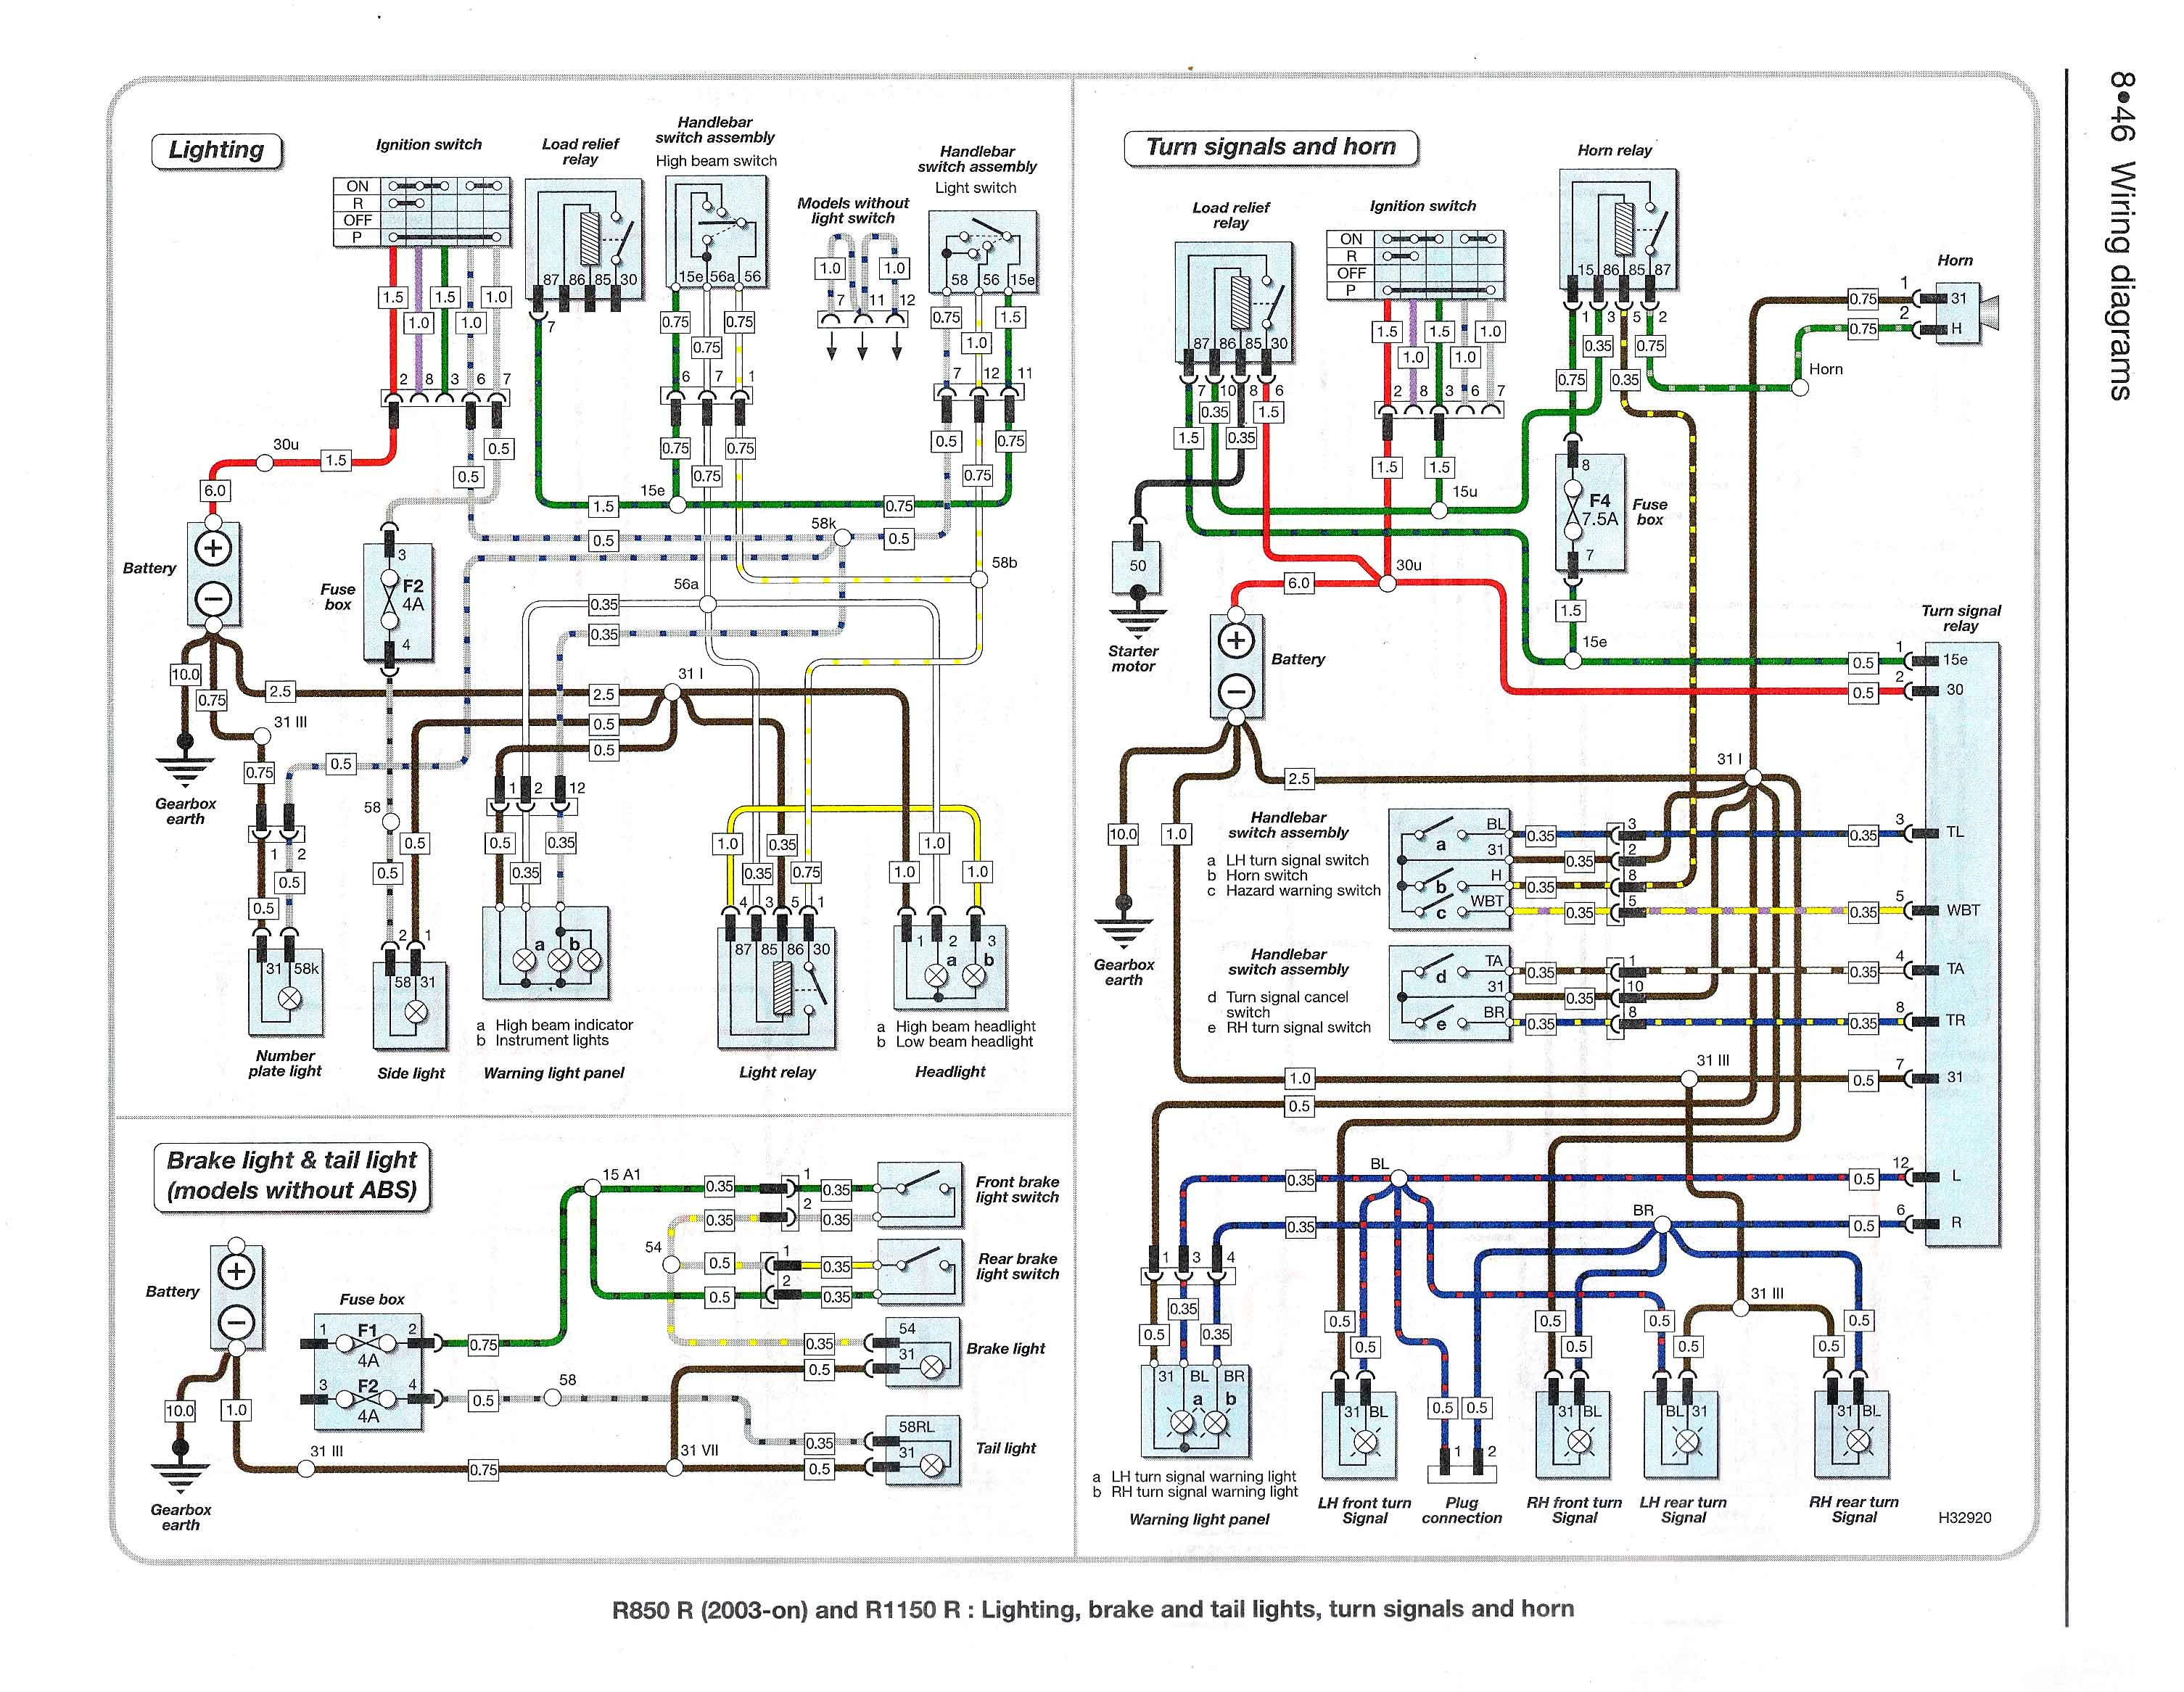 Schema Elettrico K100 : Schema elettrico r quellidellelica forum bmw